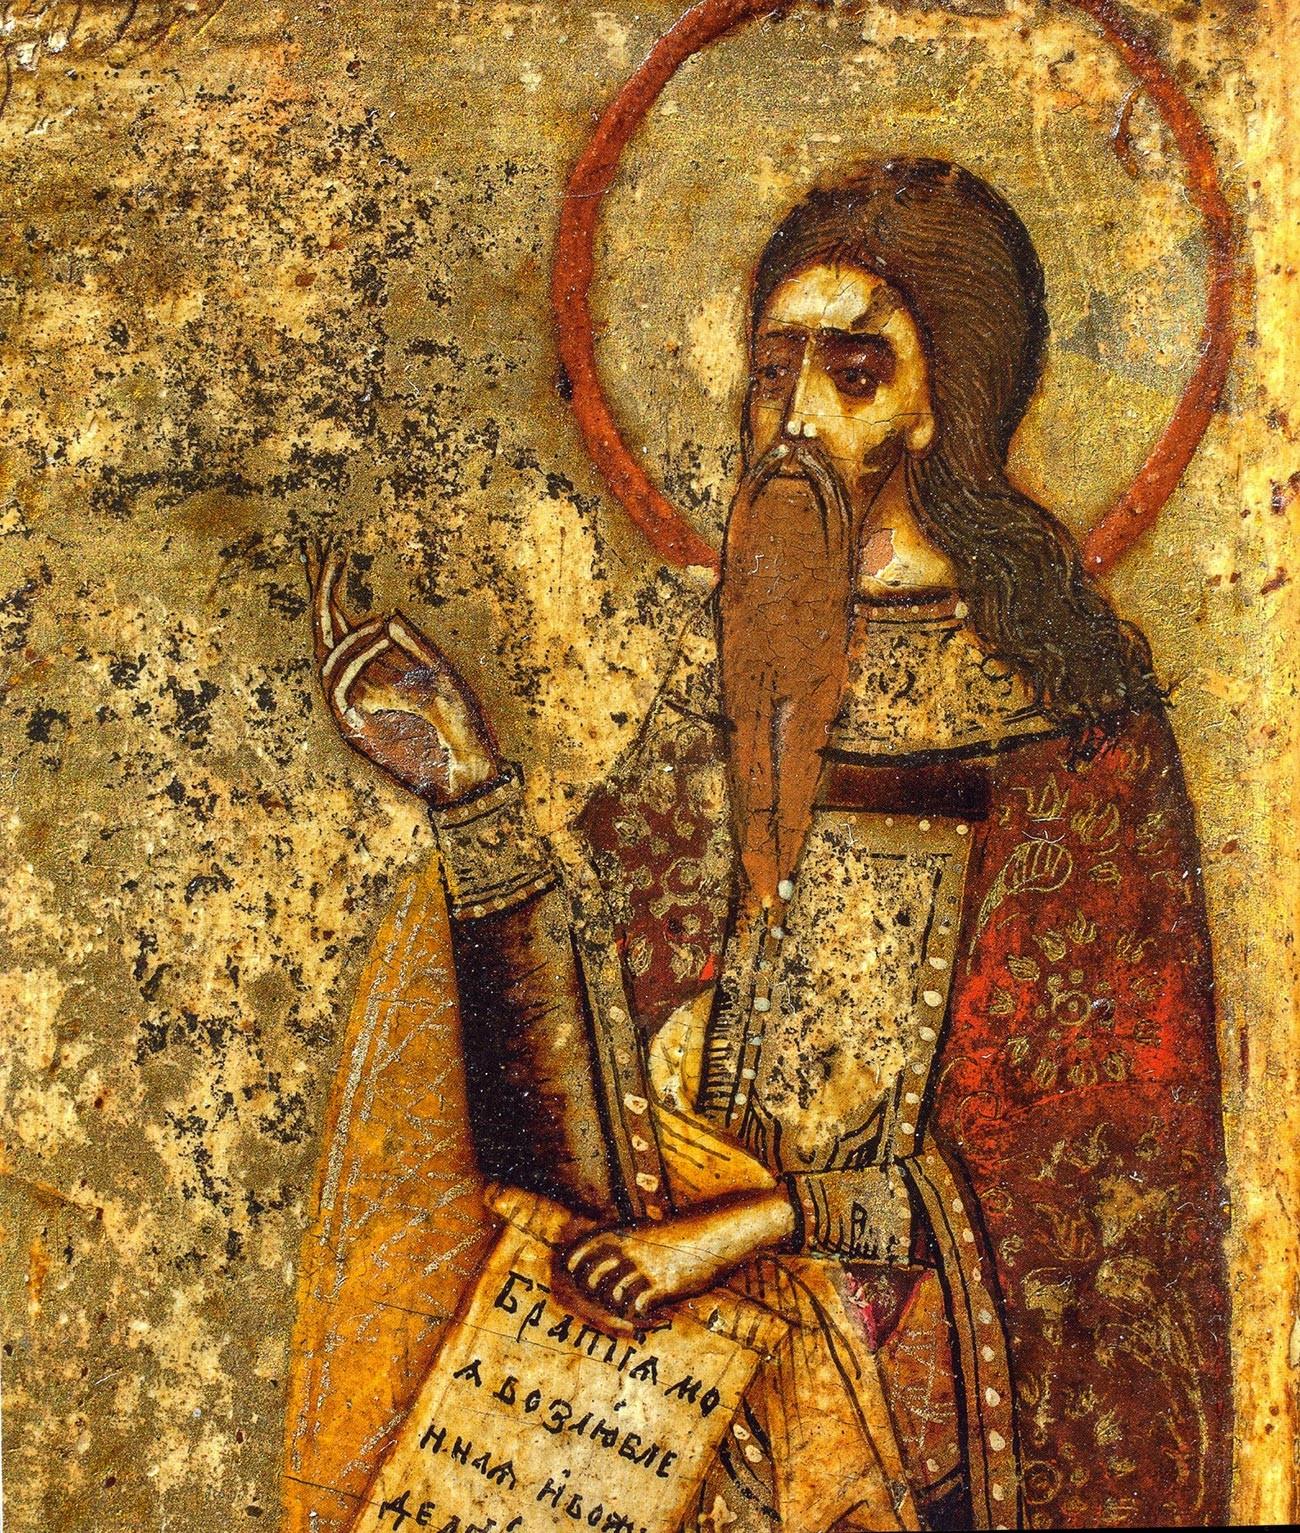 Avvakum Petrov, icona dei Vecchi Credenti risalente al XVII secolo